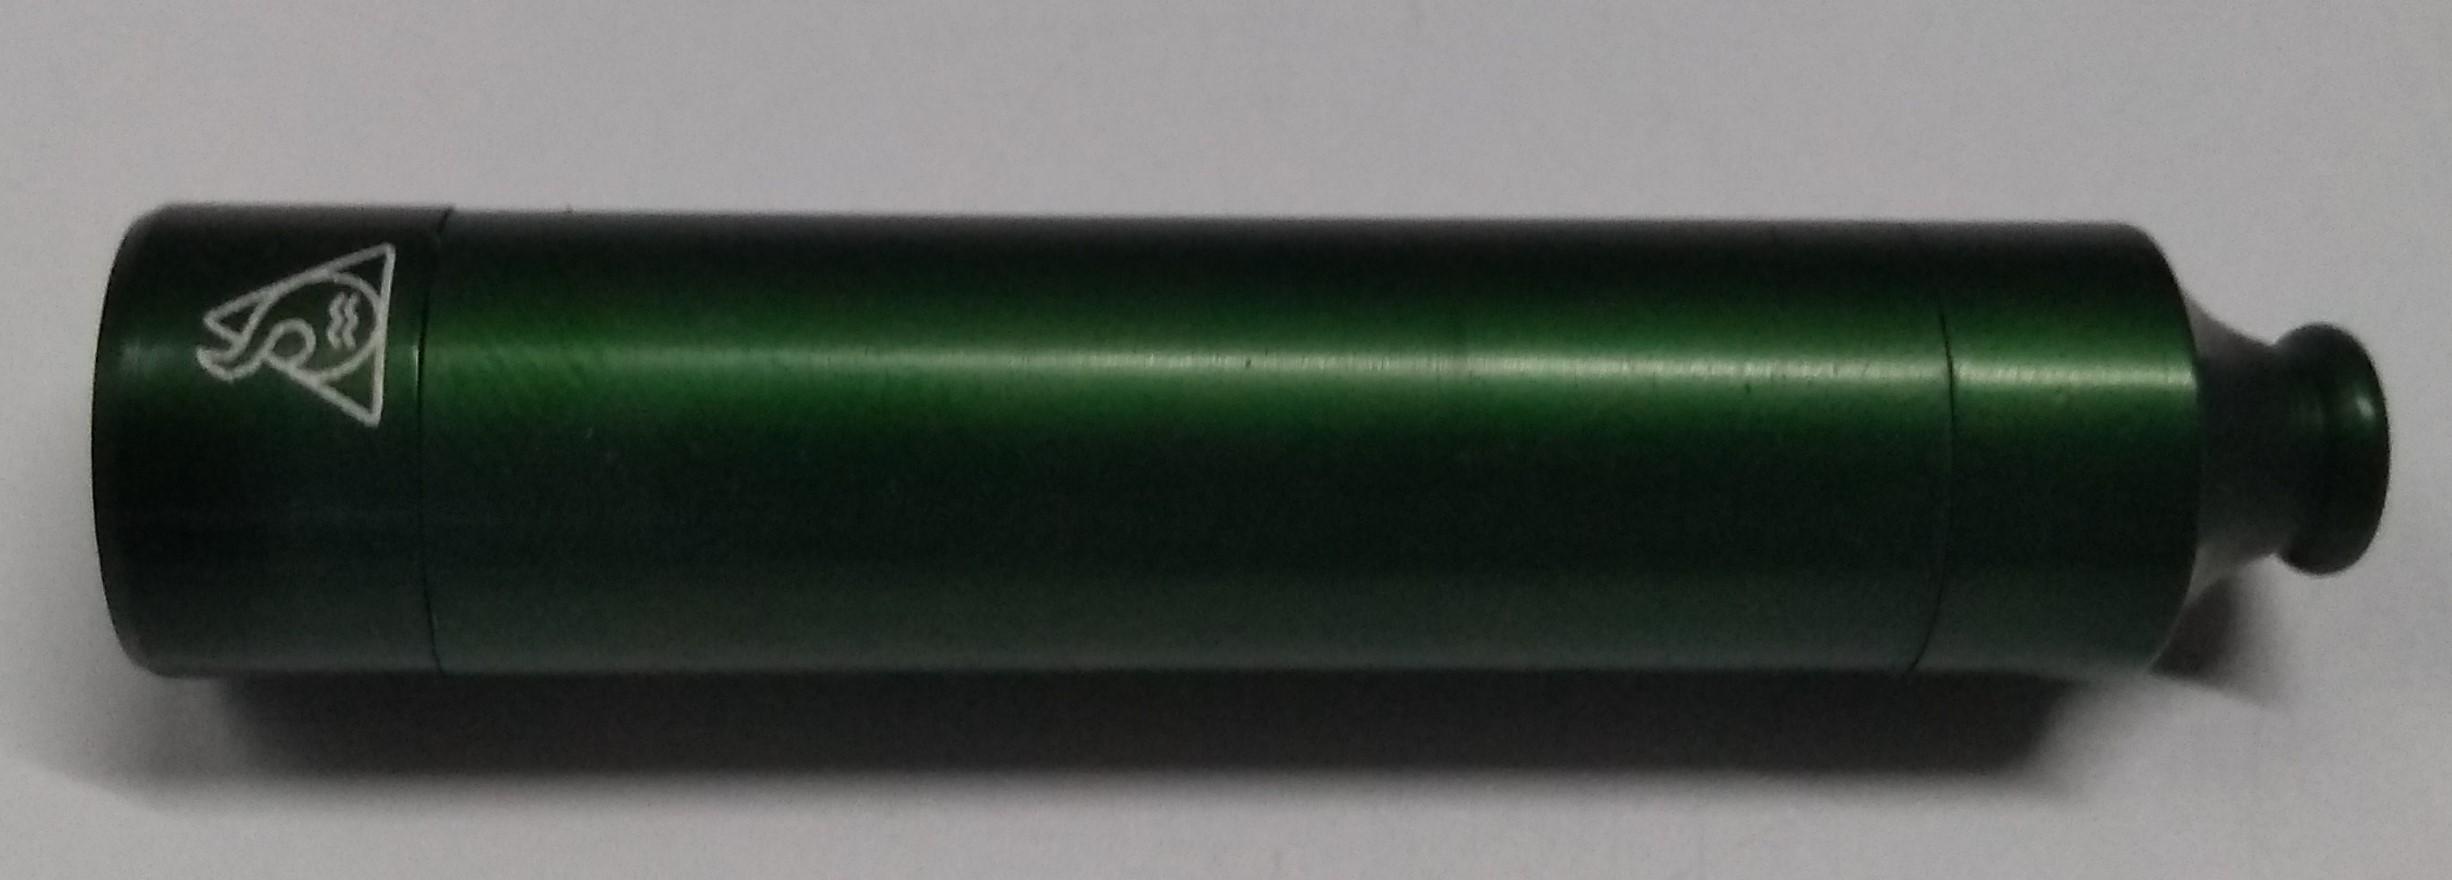 Pipe Metal SDF 2004 - Verde